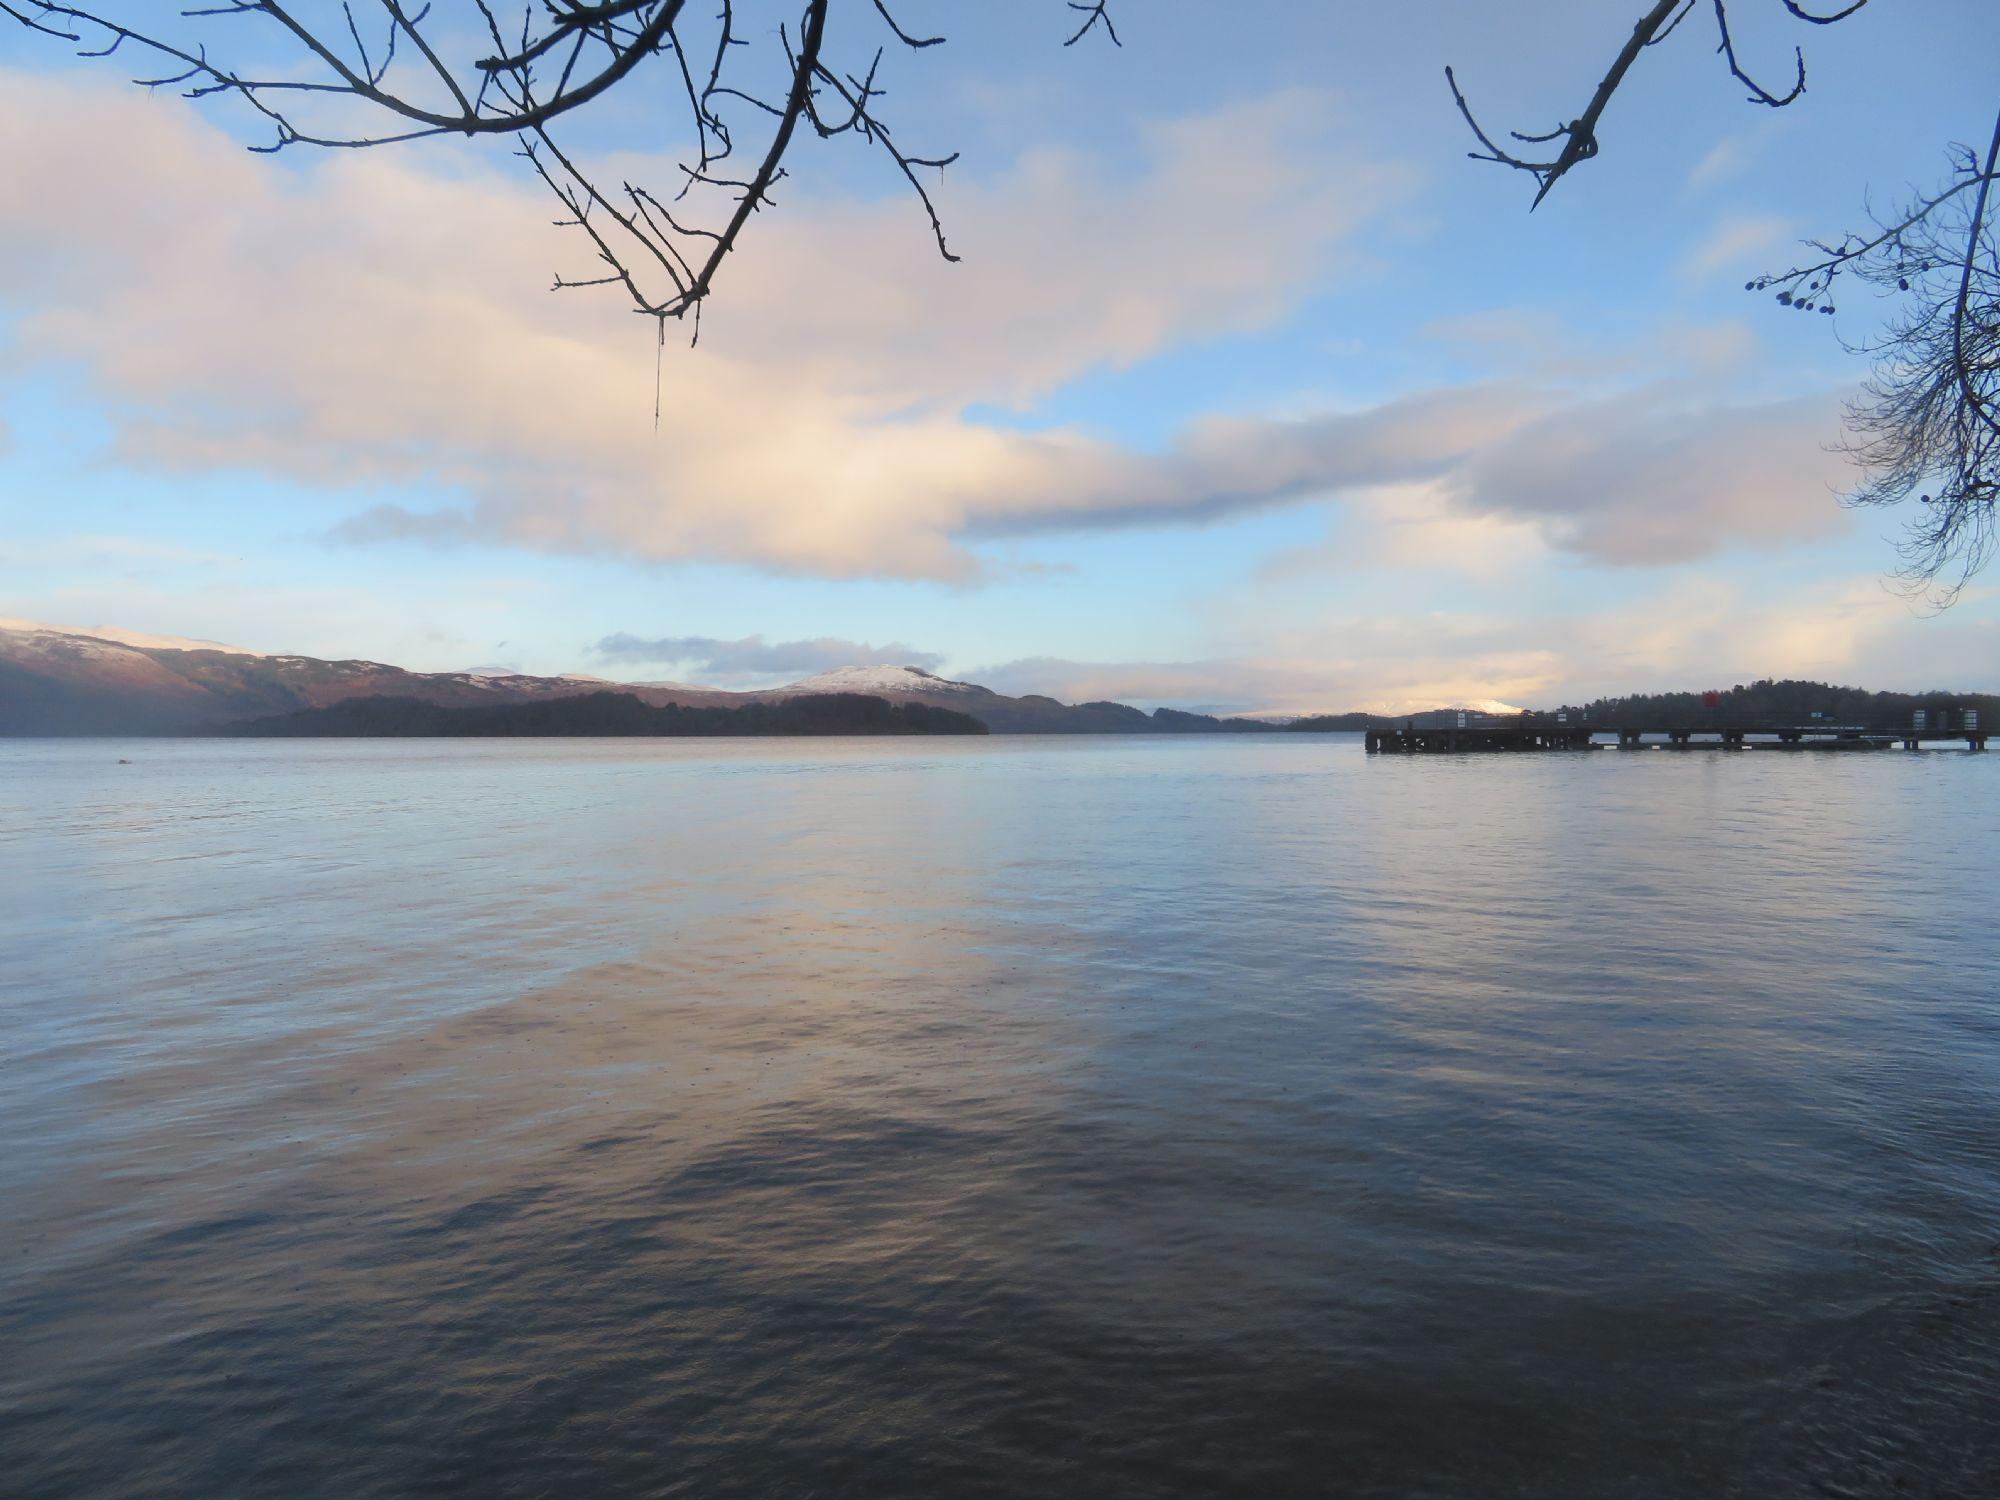 Final stop - Loch Lomond.